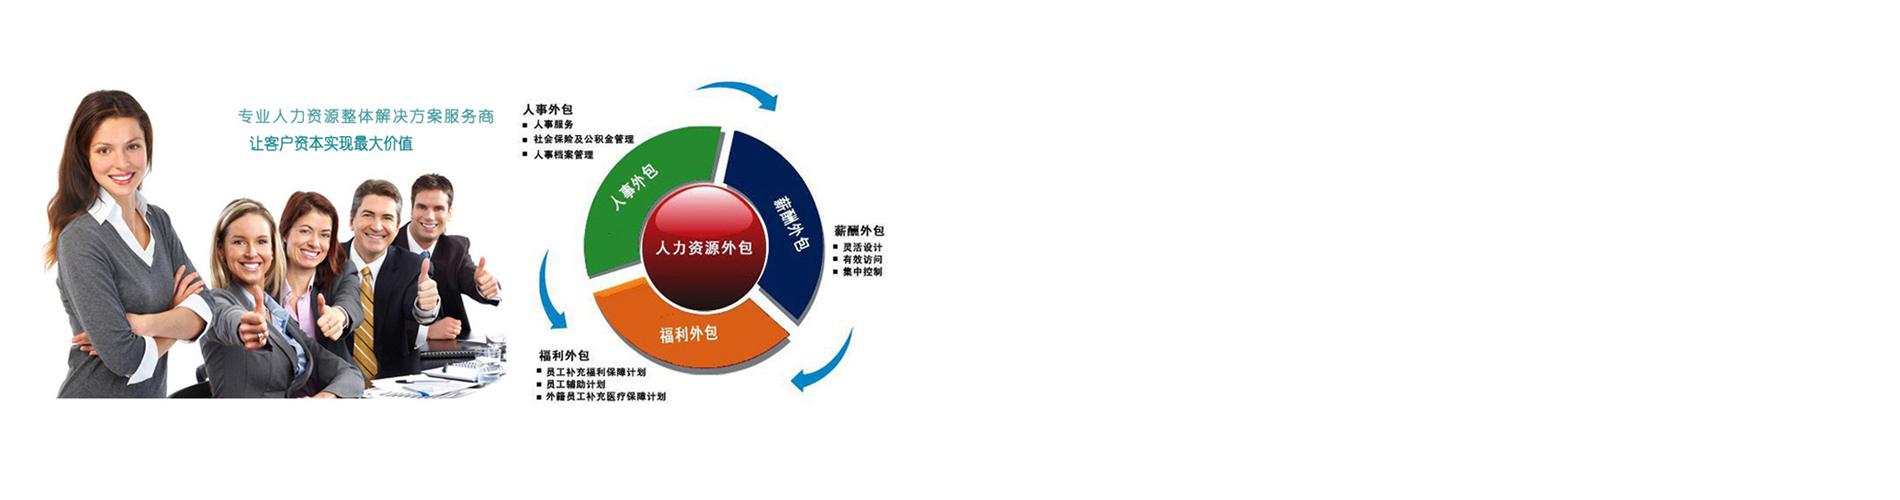 上海现尚人力资源有限公司